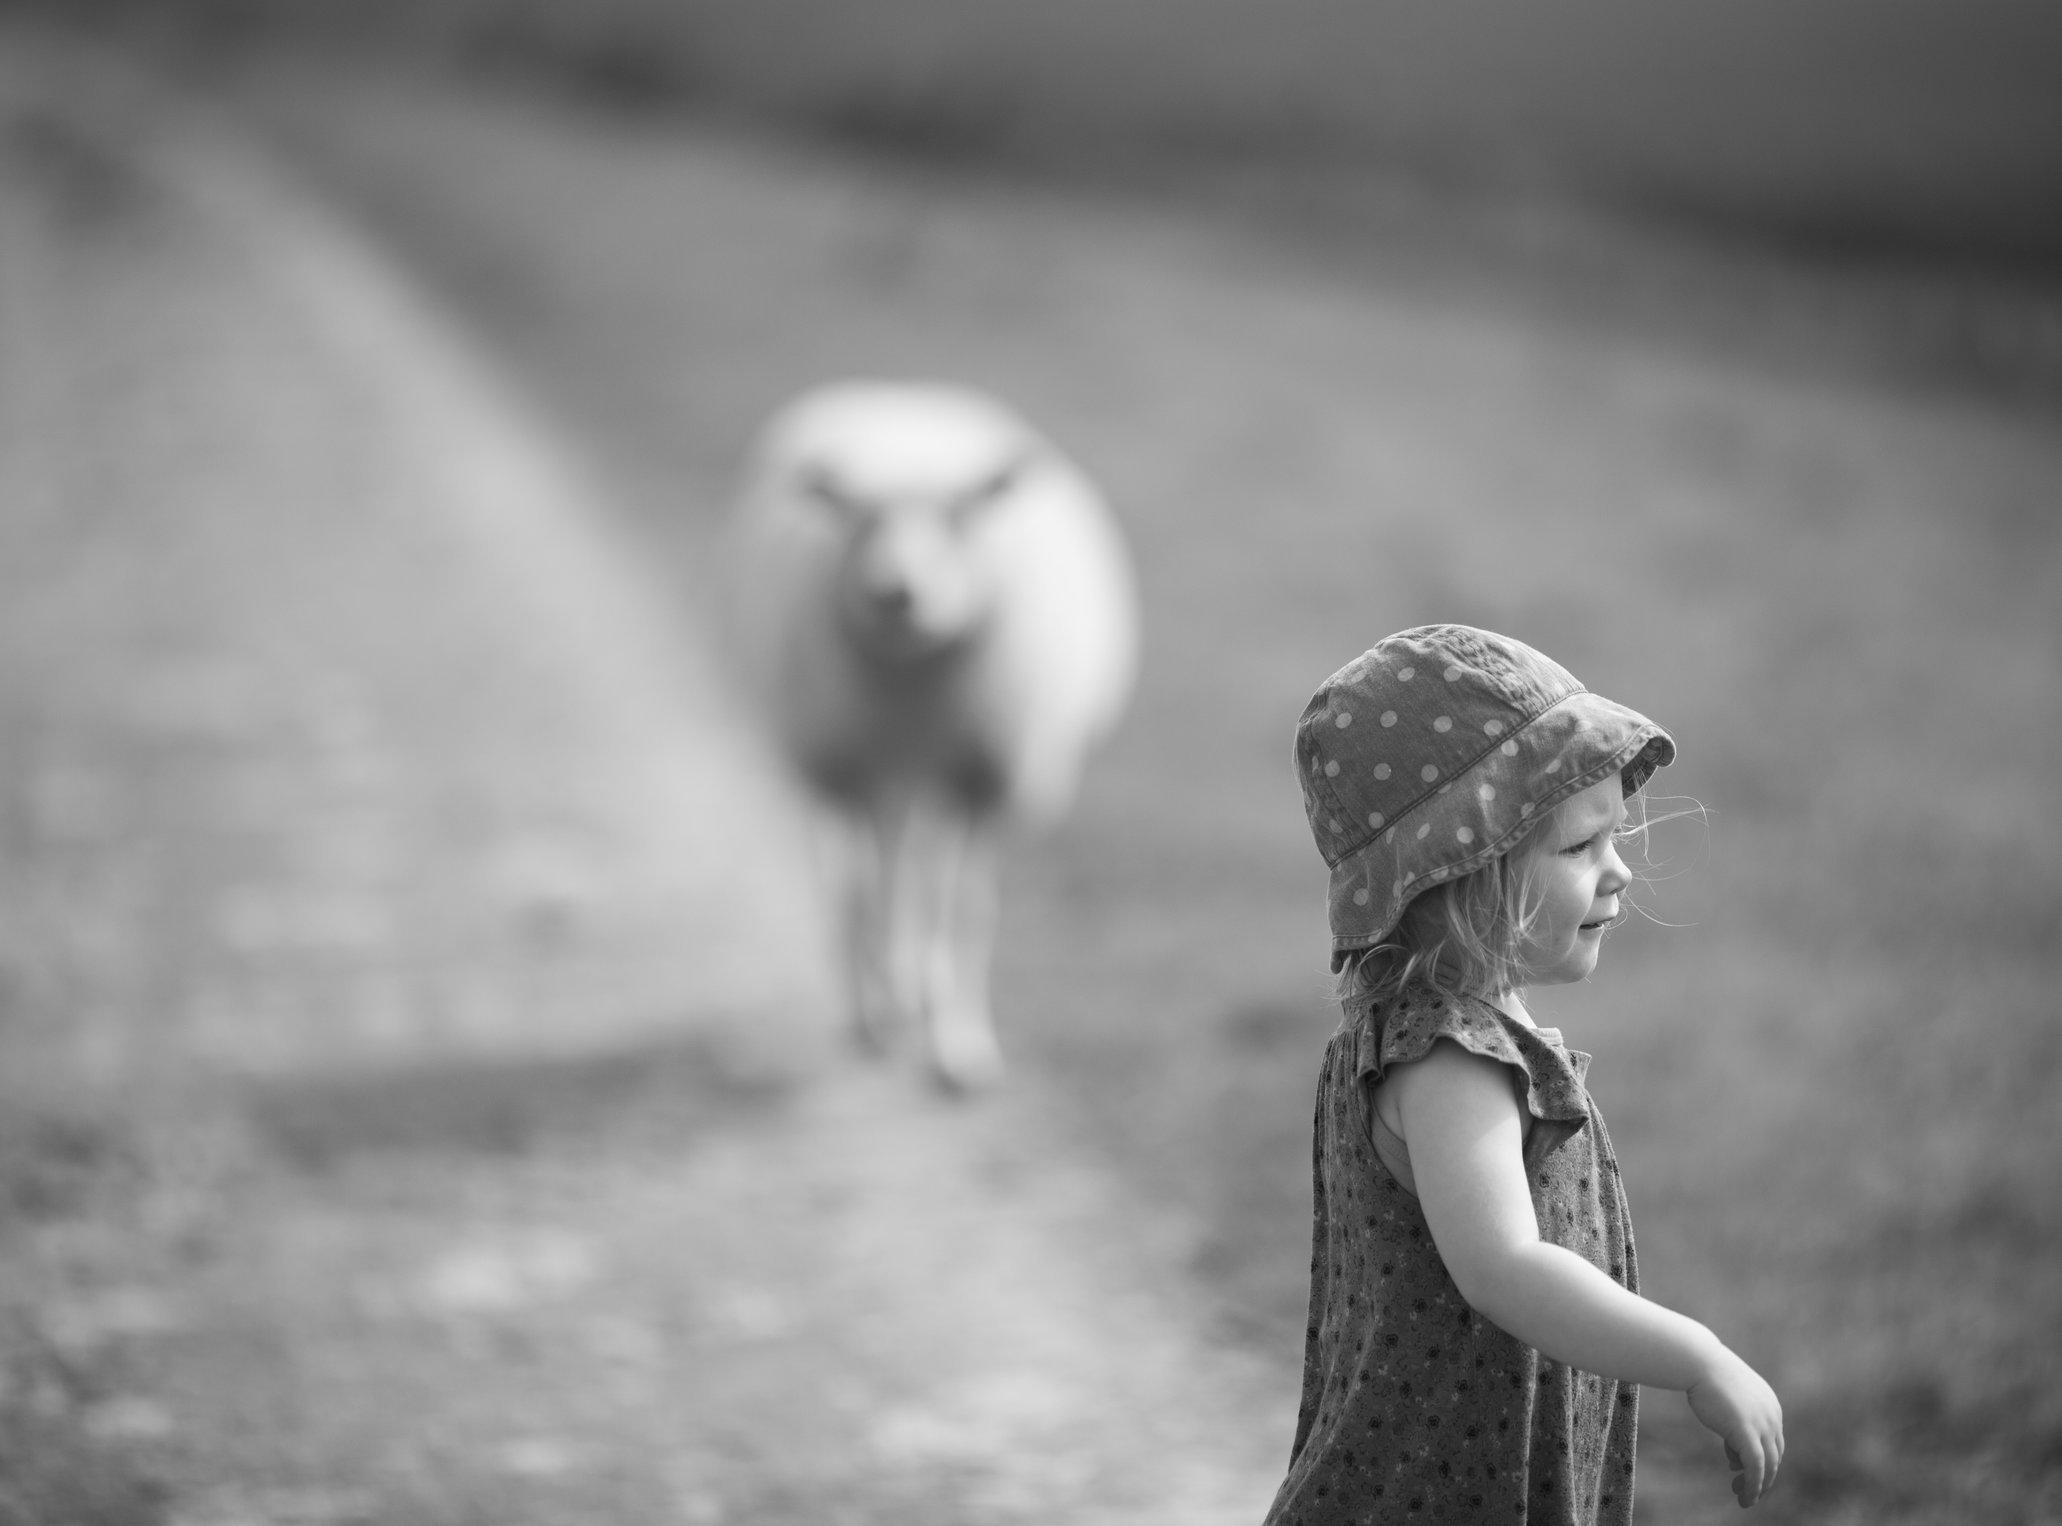 Portretfoto kind op weg met schaap - © Janneke Walter, kinderfotograaf omgeving Utrecht